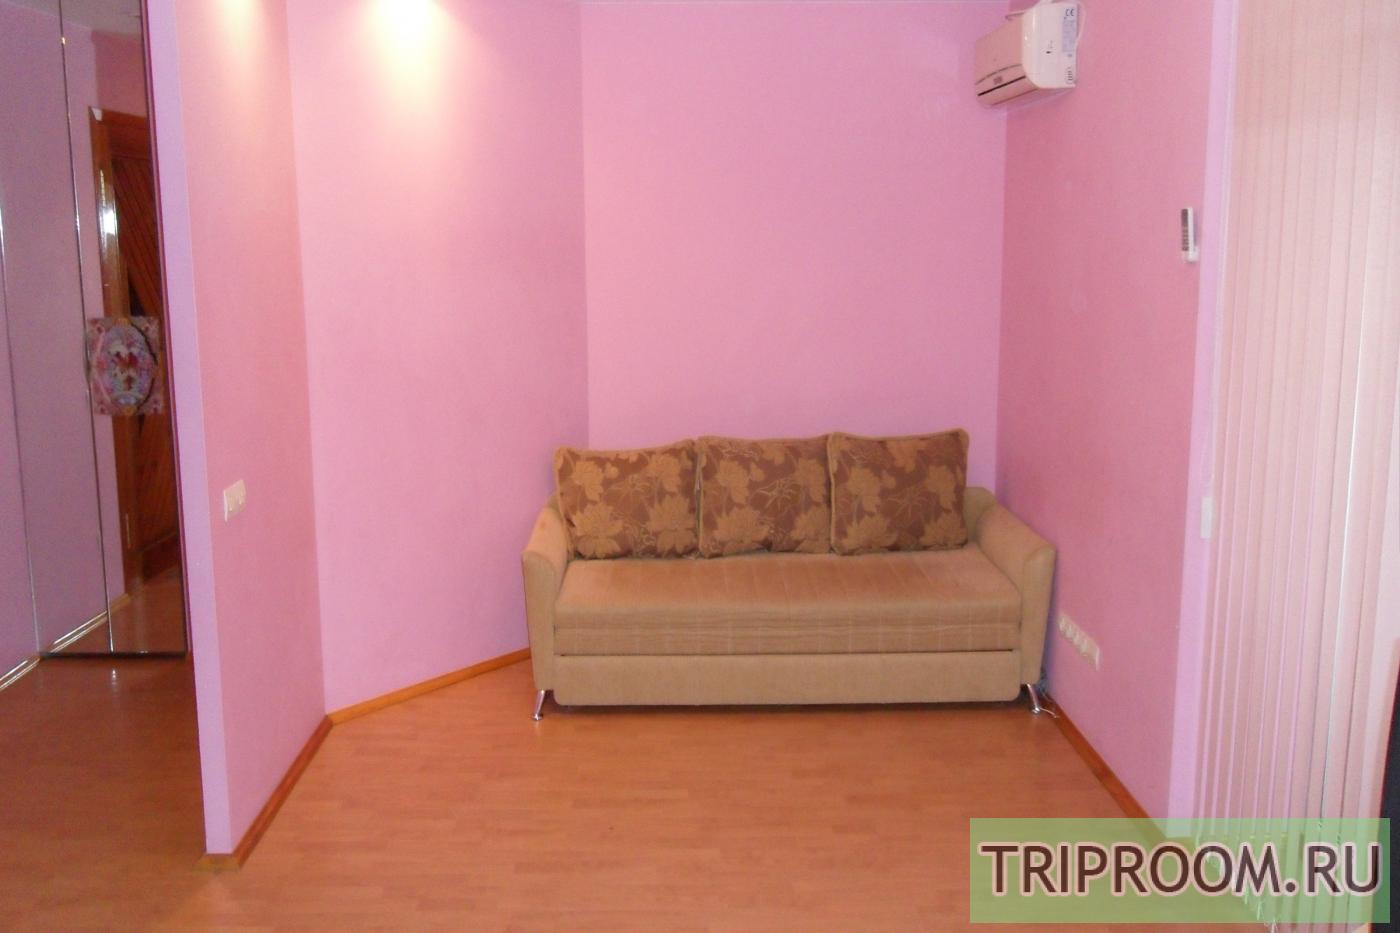 2-комнатная квартира посуточно (вариант № 7558), ул. Советская улица, фото № 4